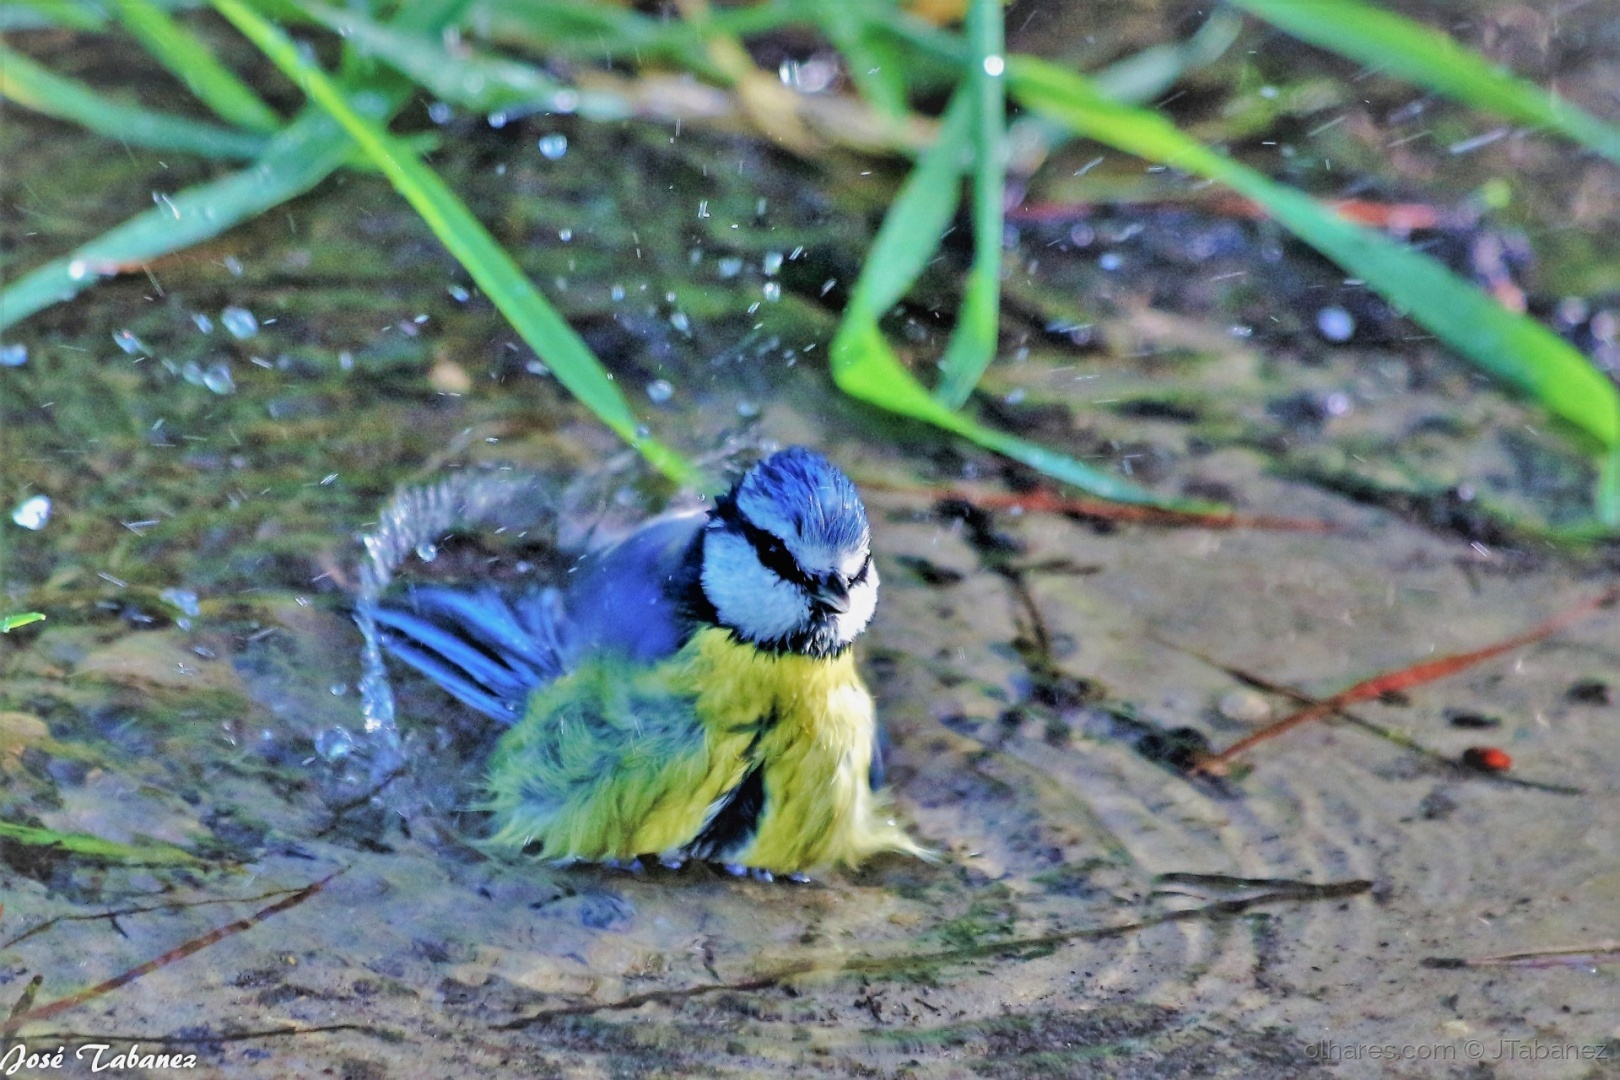 Animais/Chapim-azul no banho